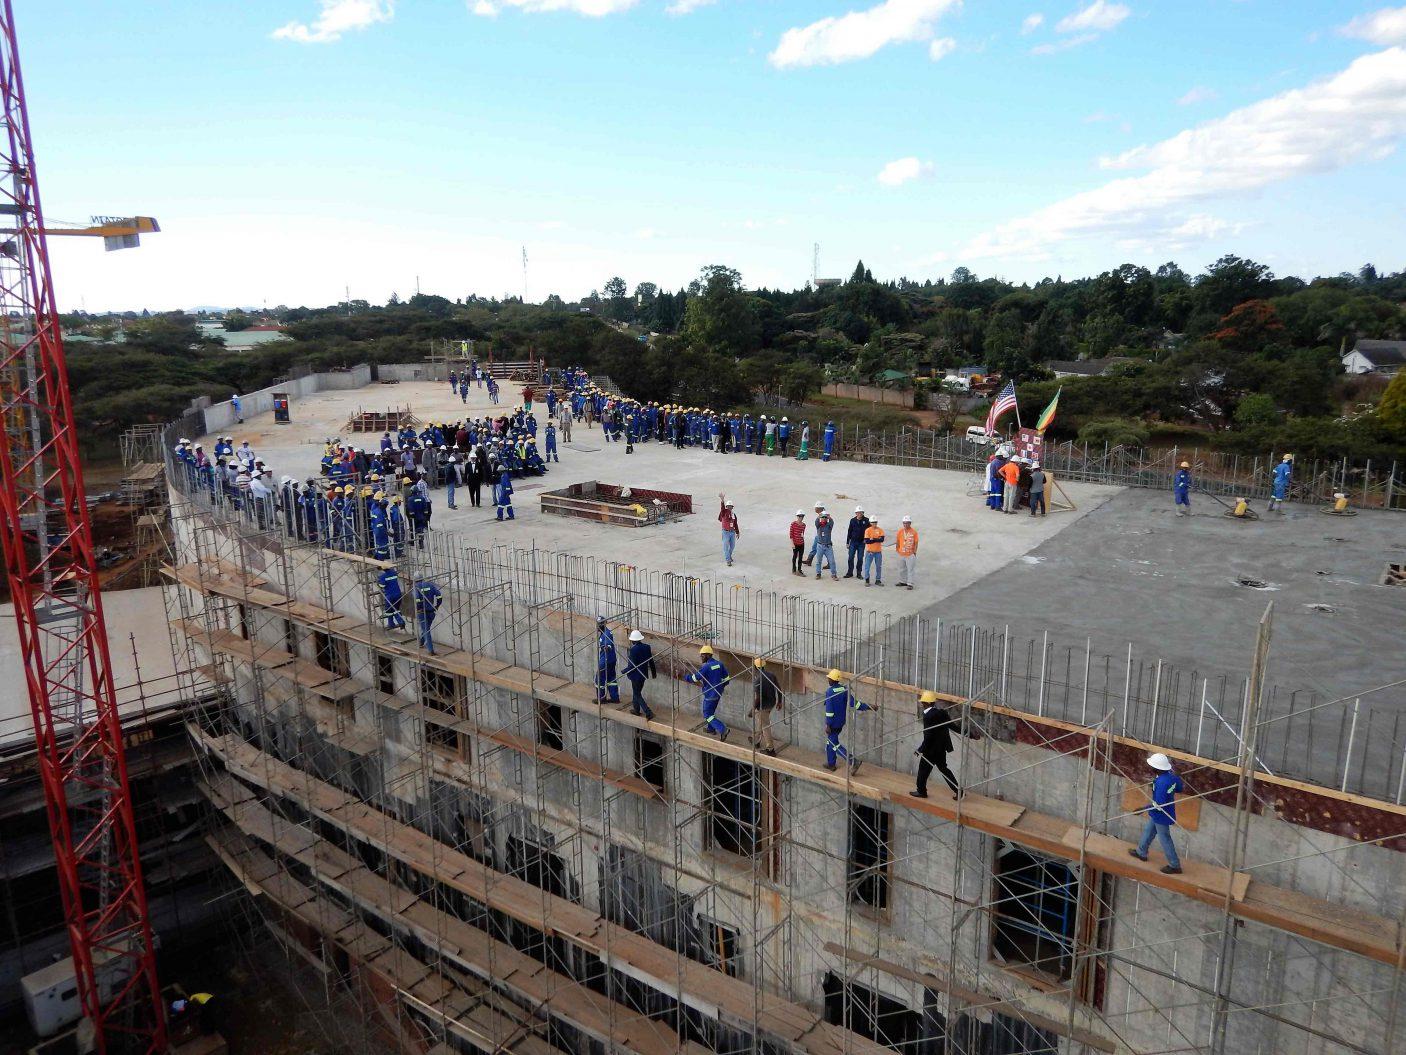 U S  Embassy Compound - Harare, Zimbabwe - BL Harbert